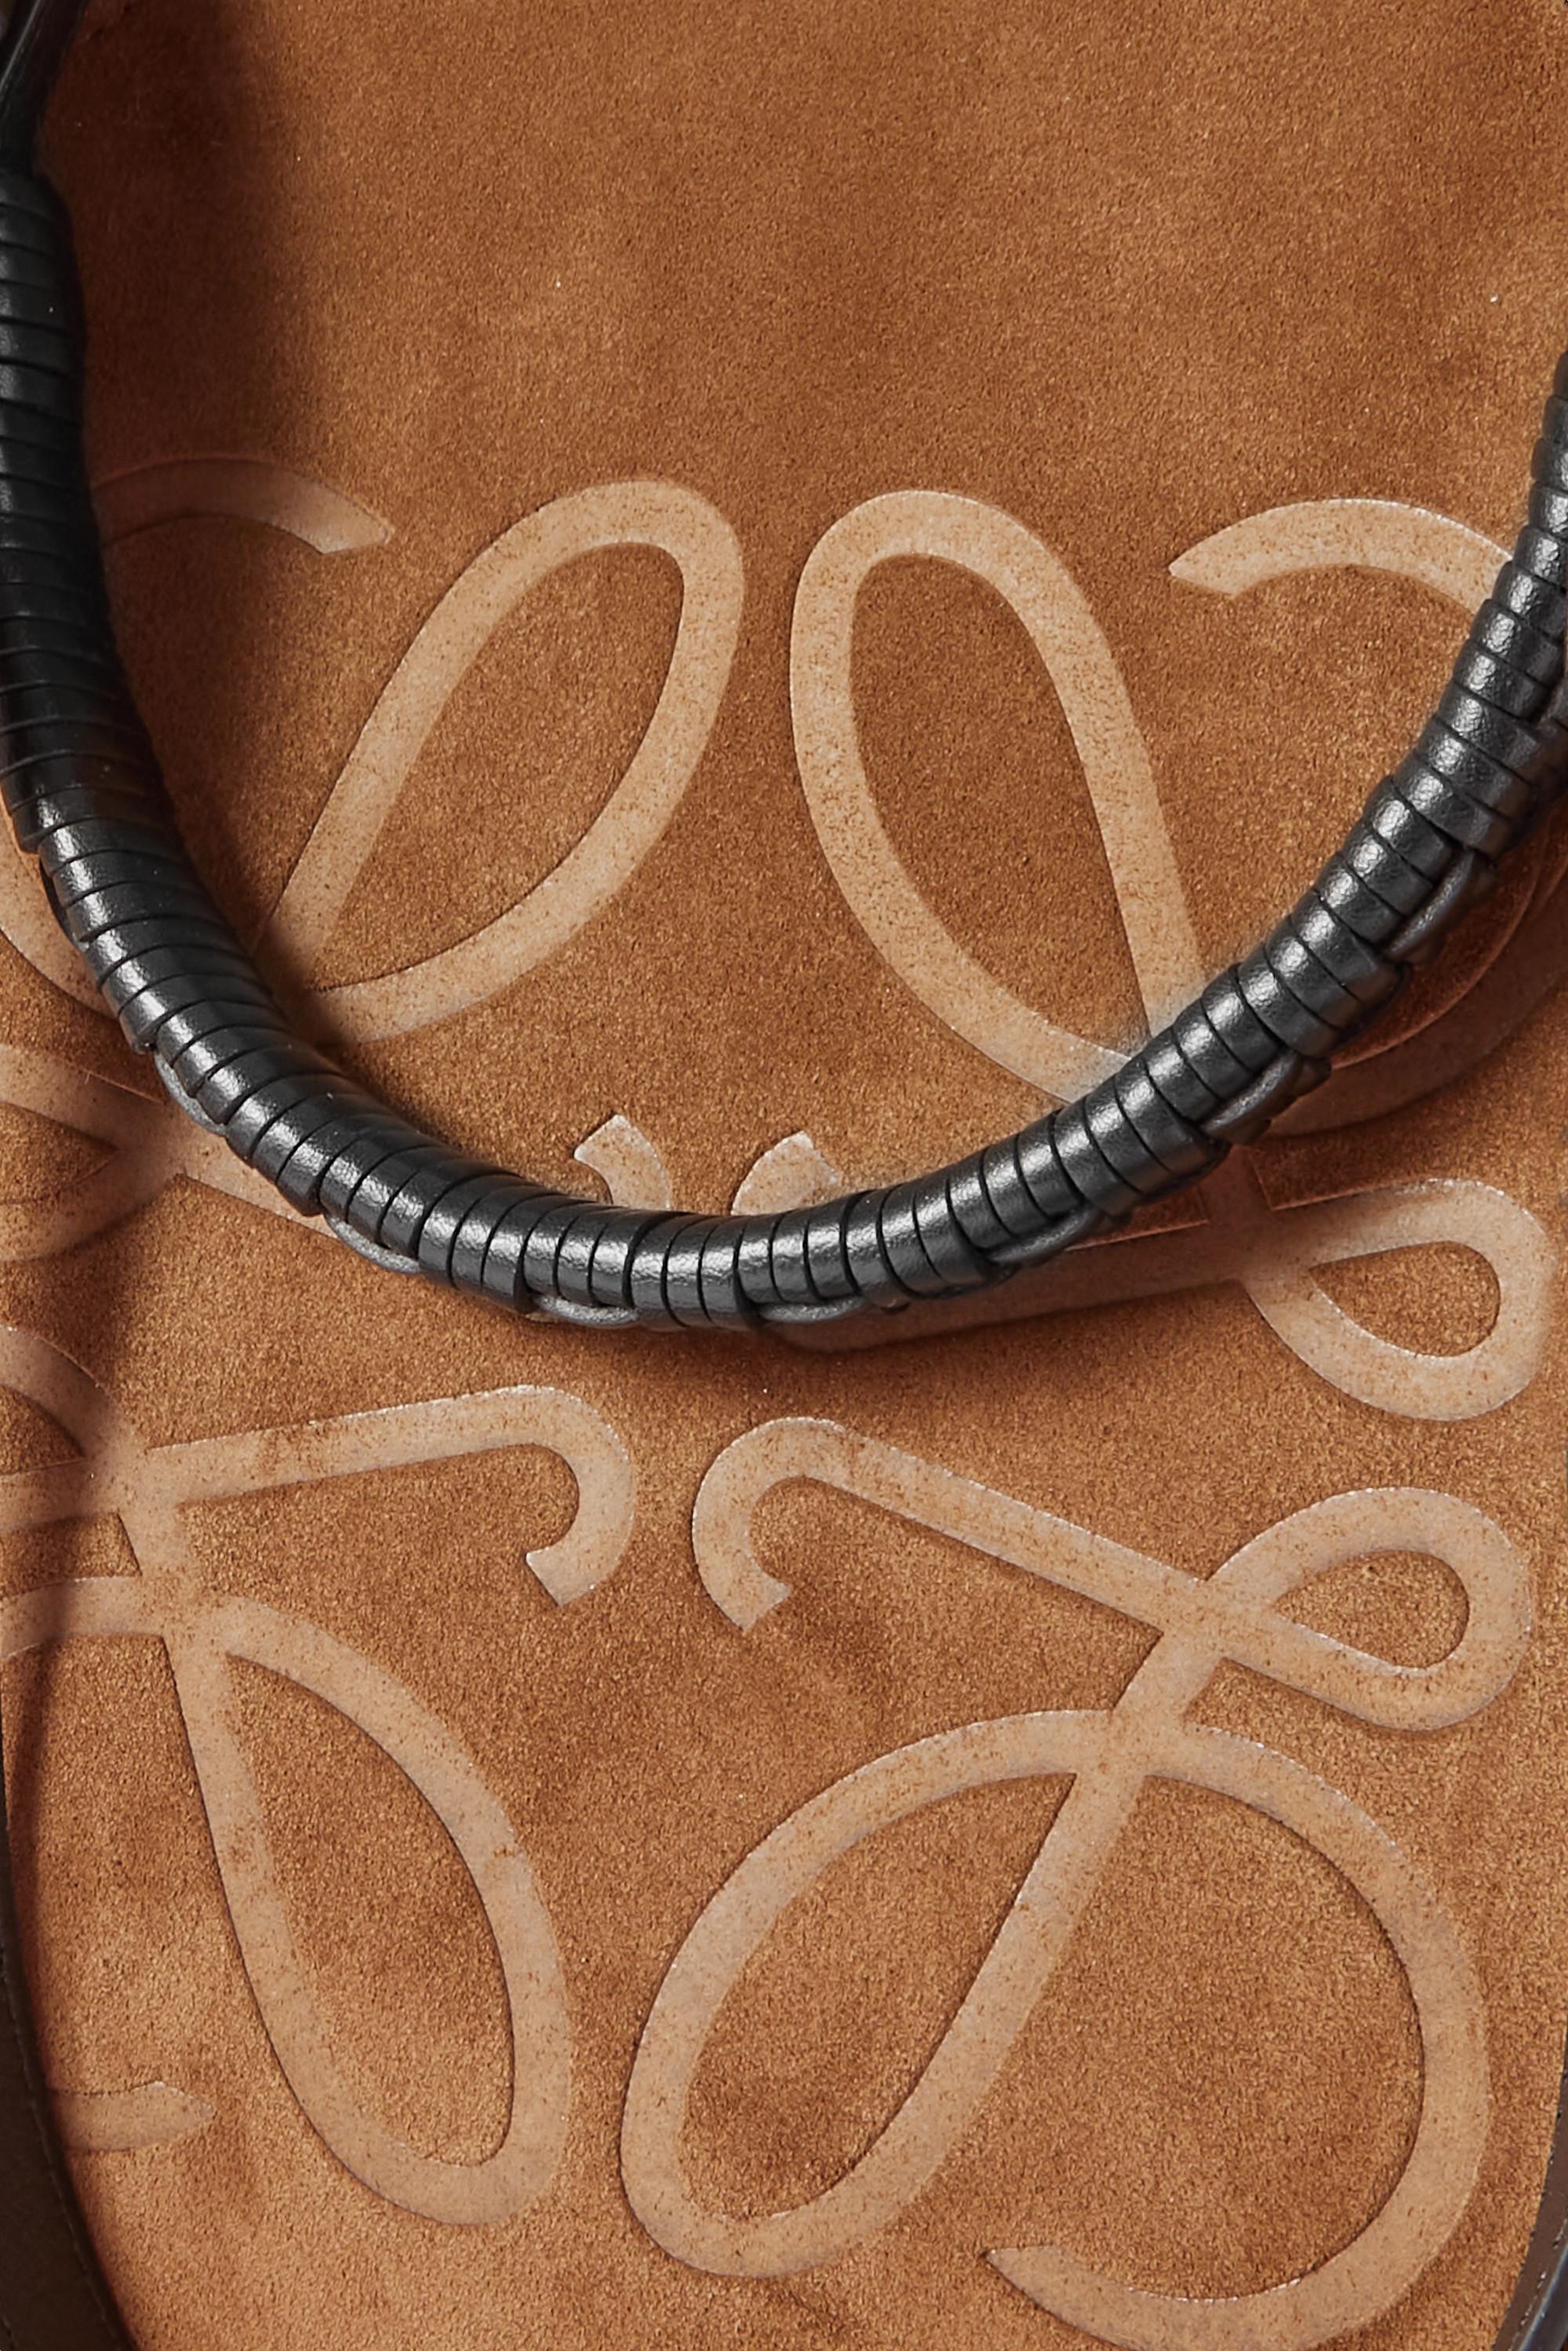 Loewe Anagram medium leather-trimmed debossed suede tote